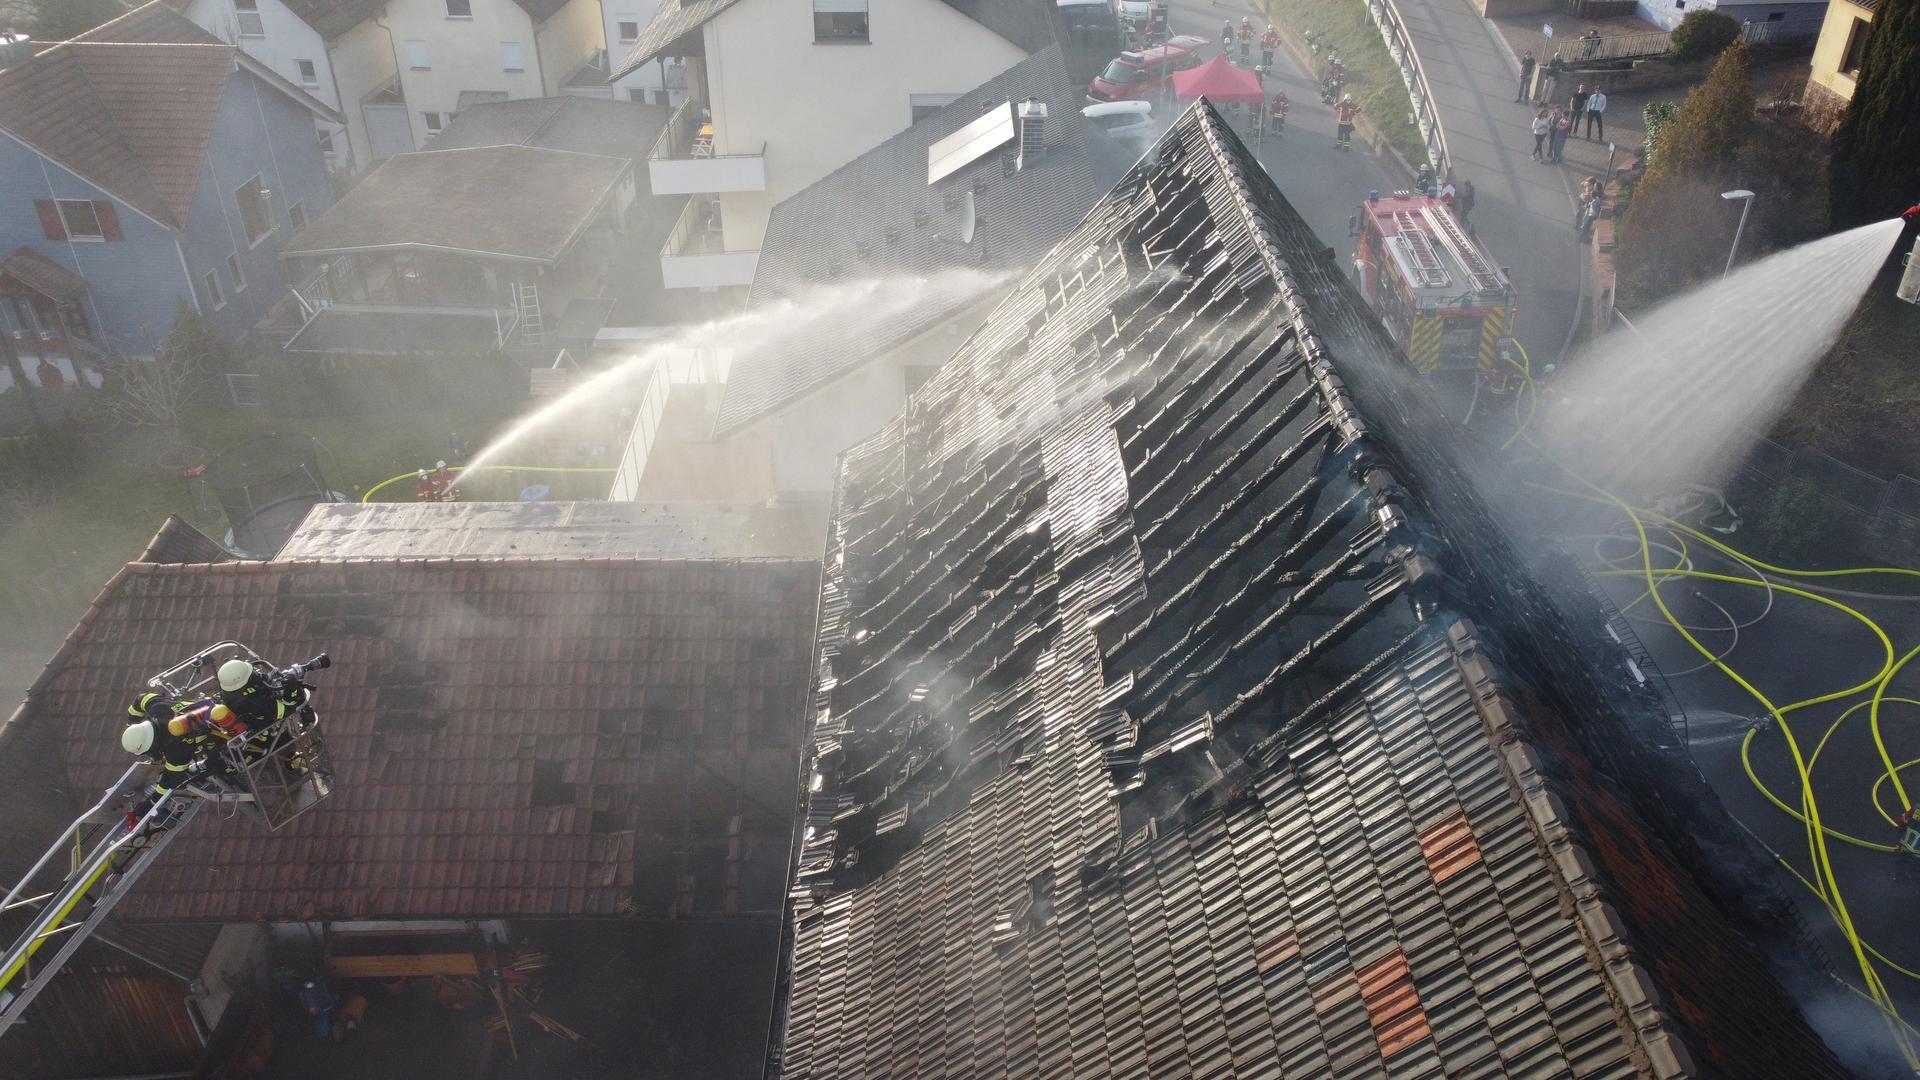 Blick von oben in eine brennende Scheune. Die Feuerwehr löscht.